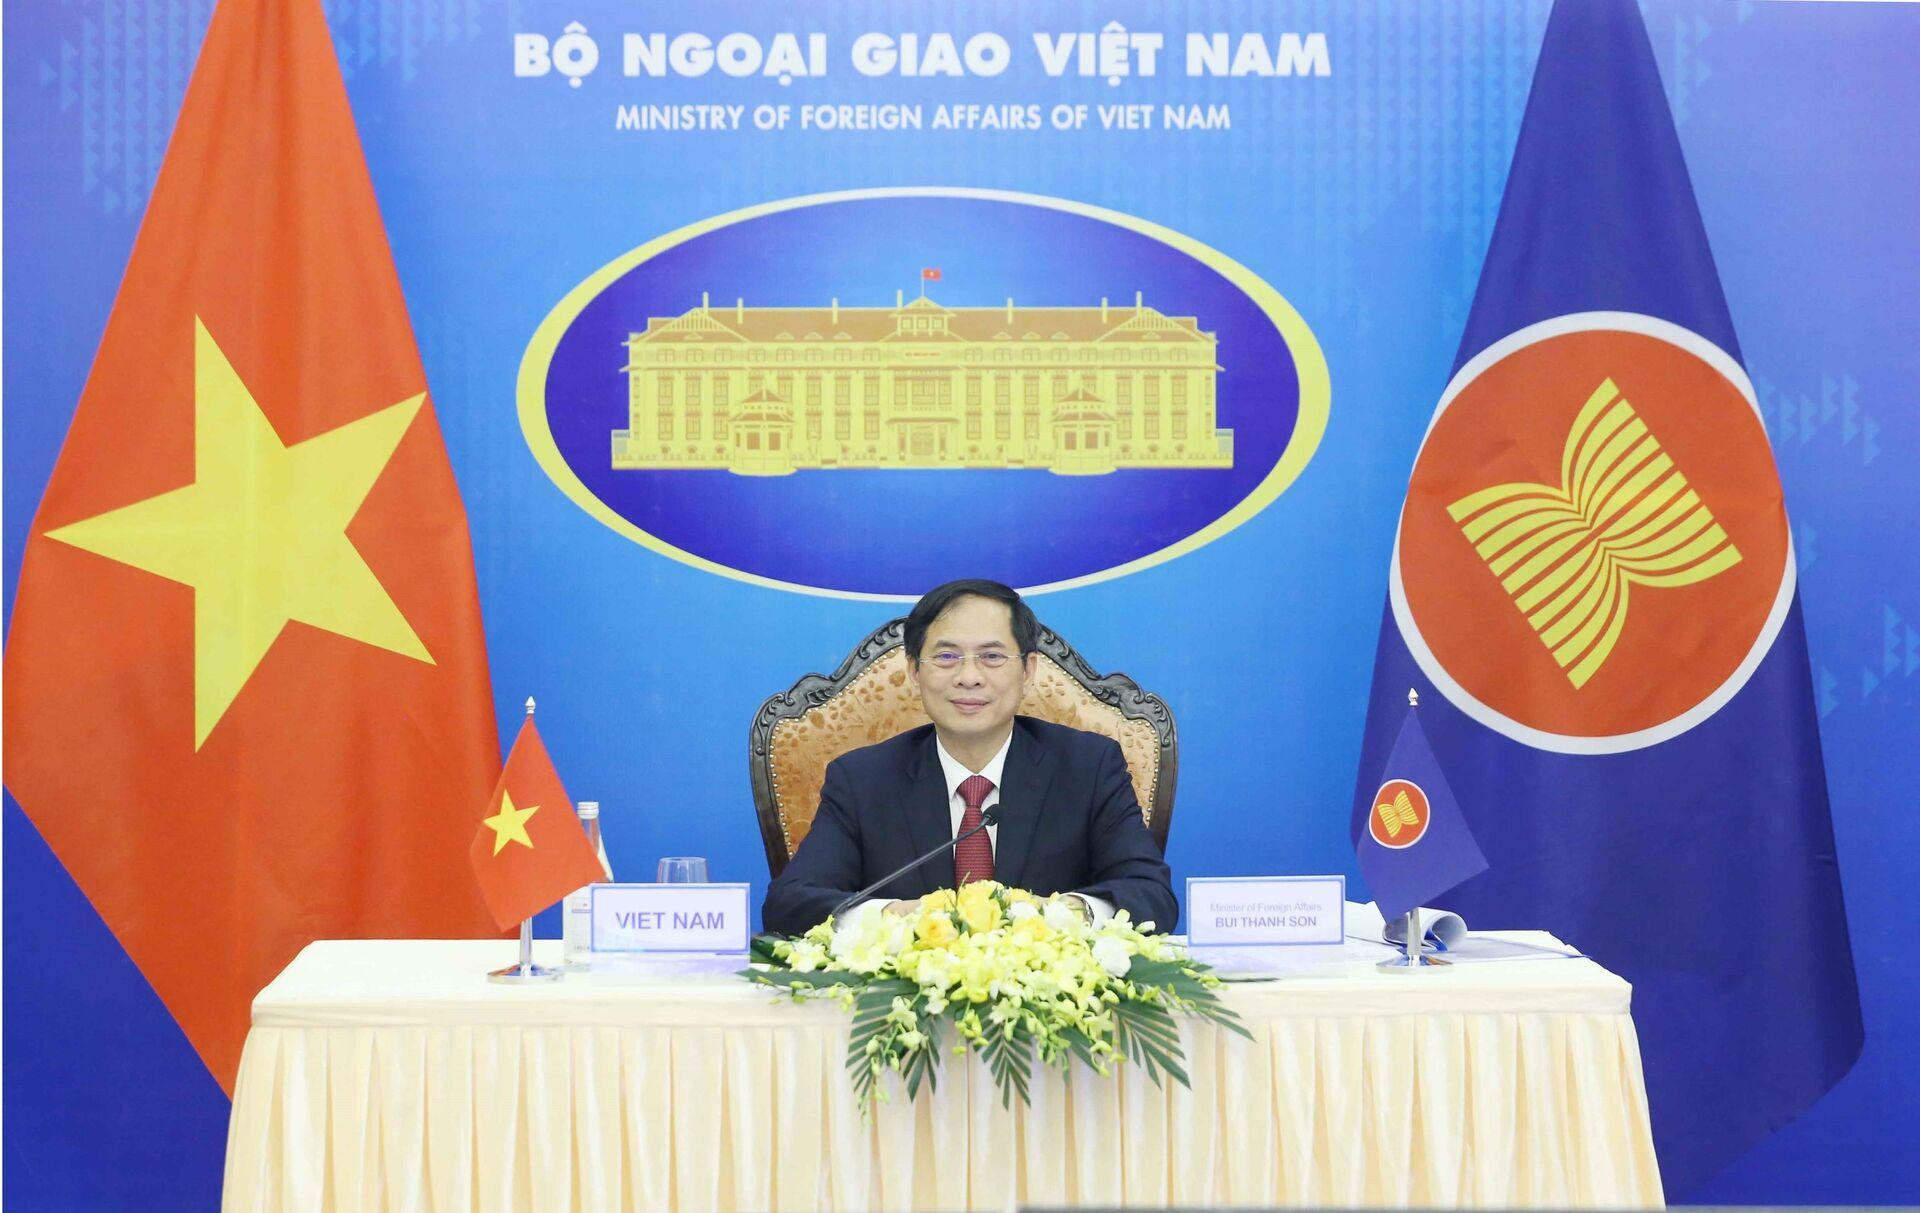 Trong chương trình Hội nghị Bộ trưởng Ngoại giao ASEAN lần thứ 54 (AMM-54), chiều 2/8/2021, Bộ trưởng Bộ Ngoại giao Bùi Thanh Sơn tham dự Hội nghị Cộng đồng Chính trị - An ninh ASEAN (APSC) lần thứ 23 theo hình thức trực tuyến. - Sputnik Việt Nam, 1920, 05.10.2021